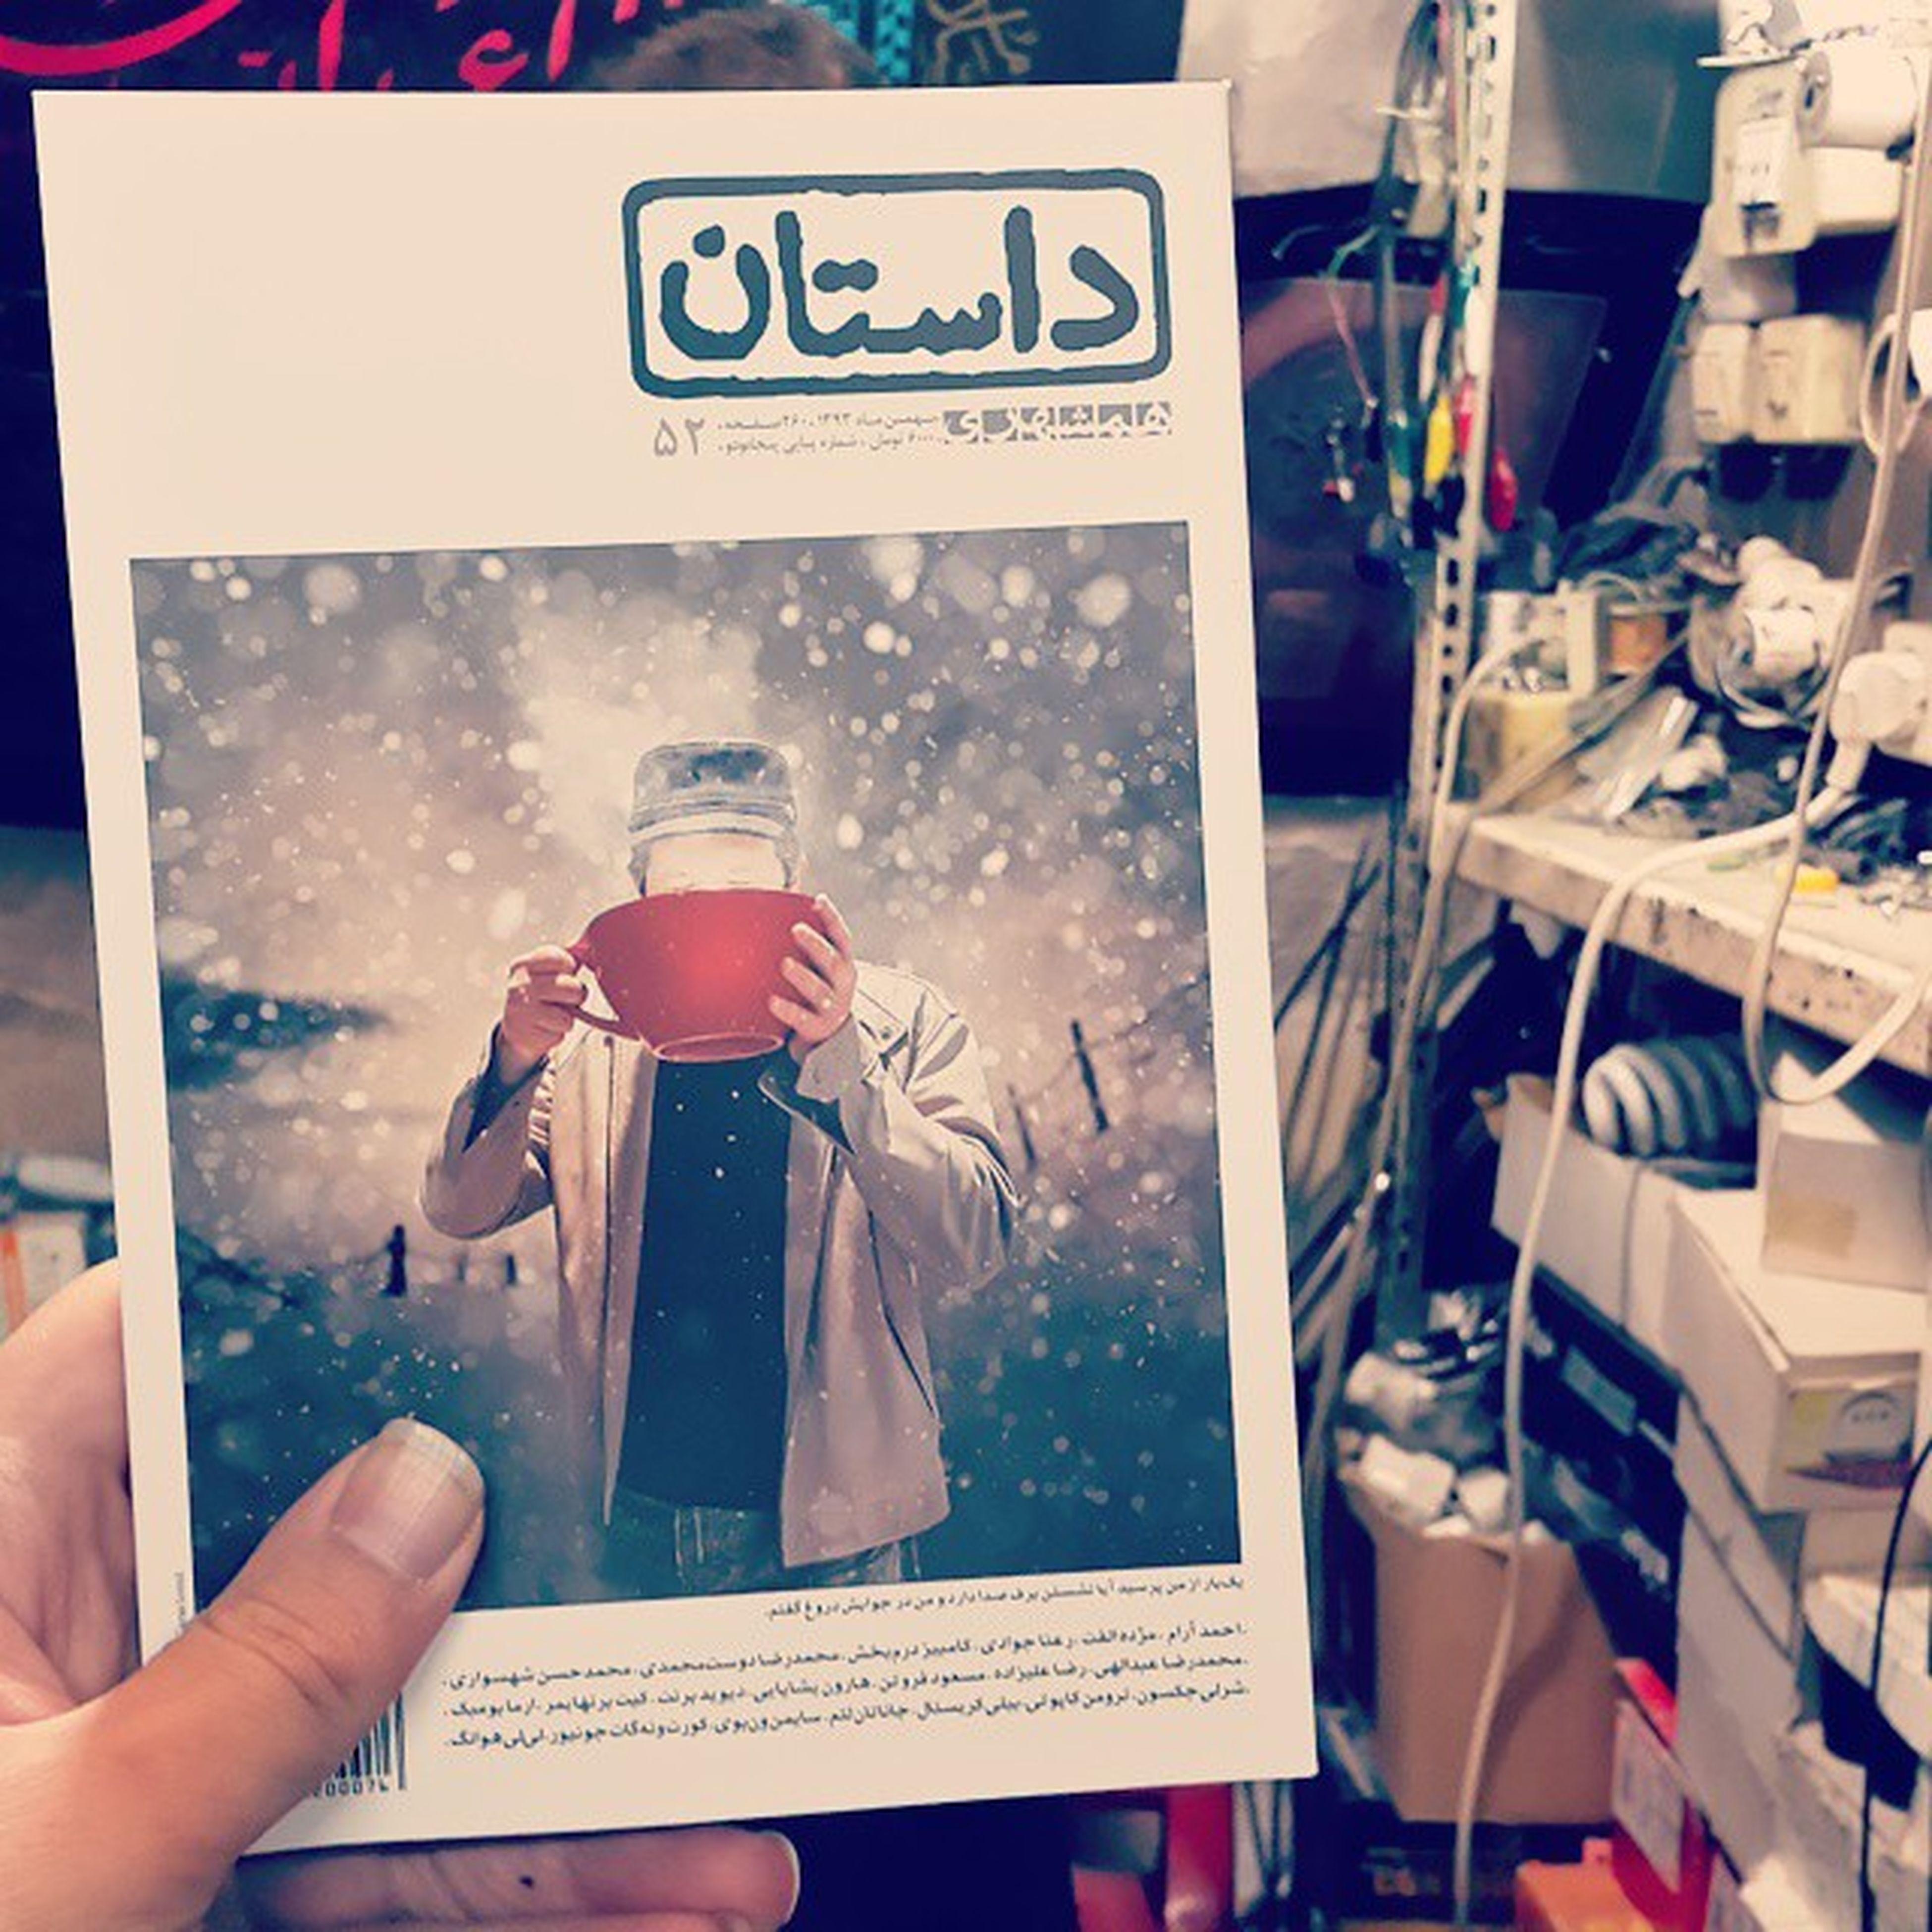 . بهتون بگم این تنها مجله ایه که تونسته من رو غرق کنه تو مطالبش همینه، دروغ نگفتم . یه زمانی سه روزه قورتش میدادم ولی الان نه😦 بخونید همشهری داستان رو بخونید Hamshahridastan Dastanmag